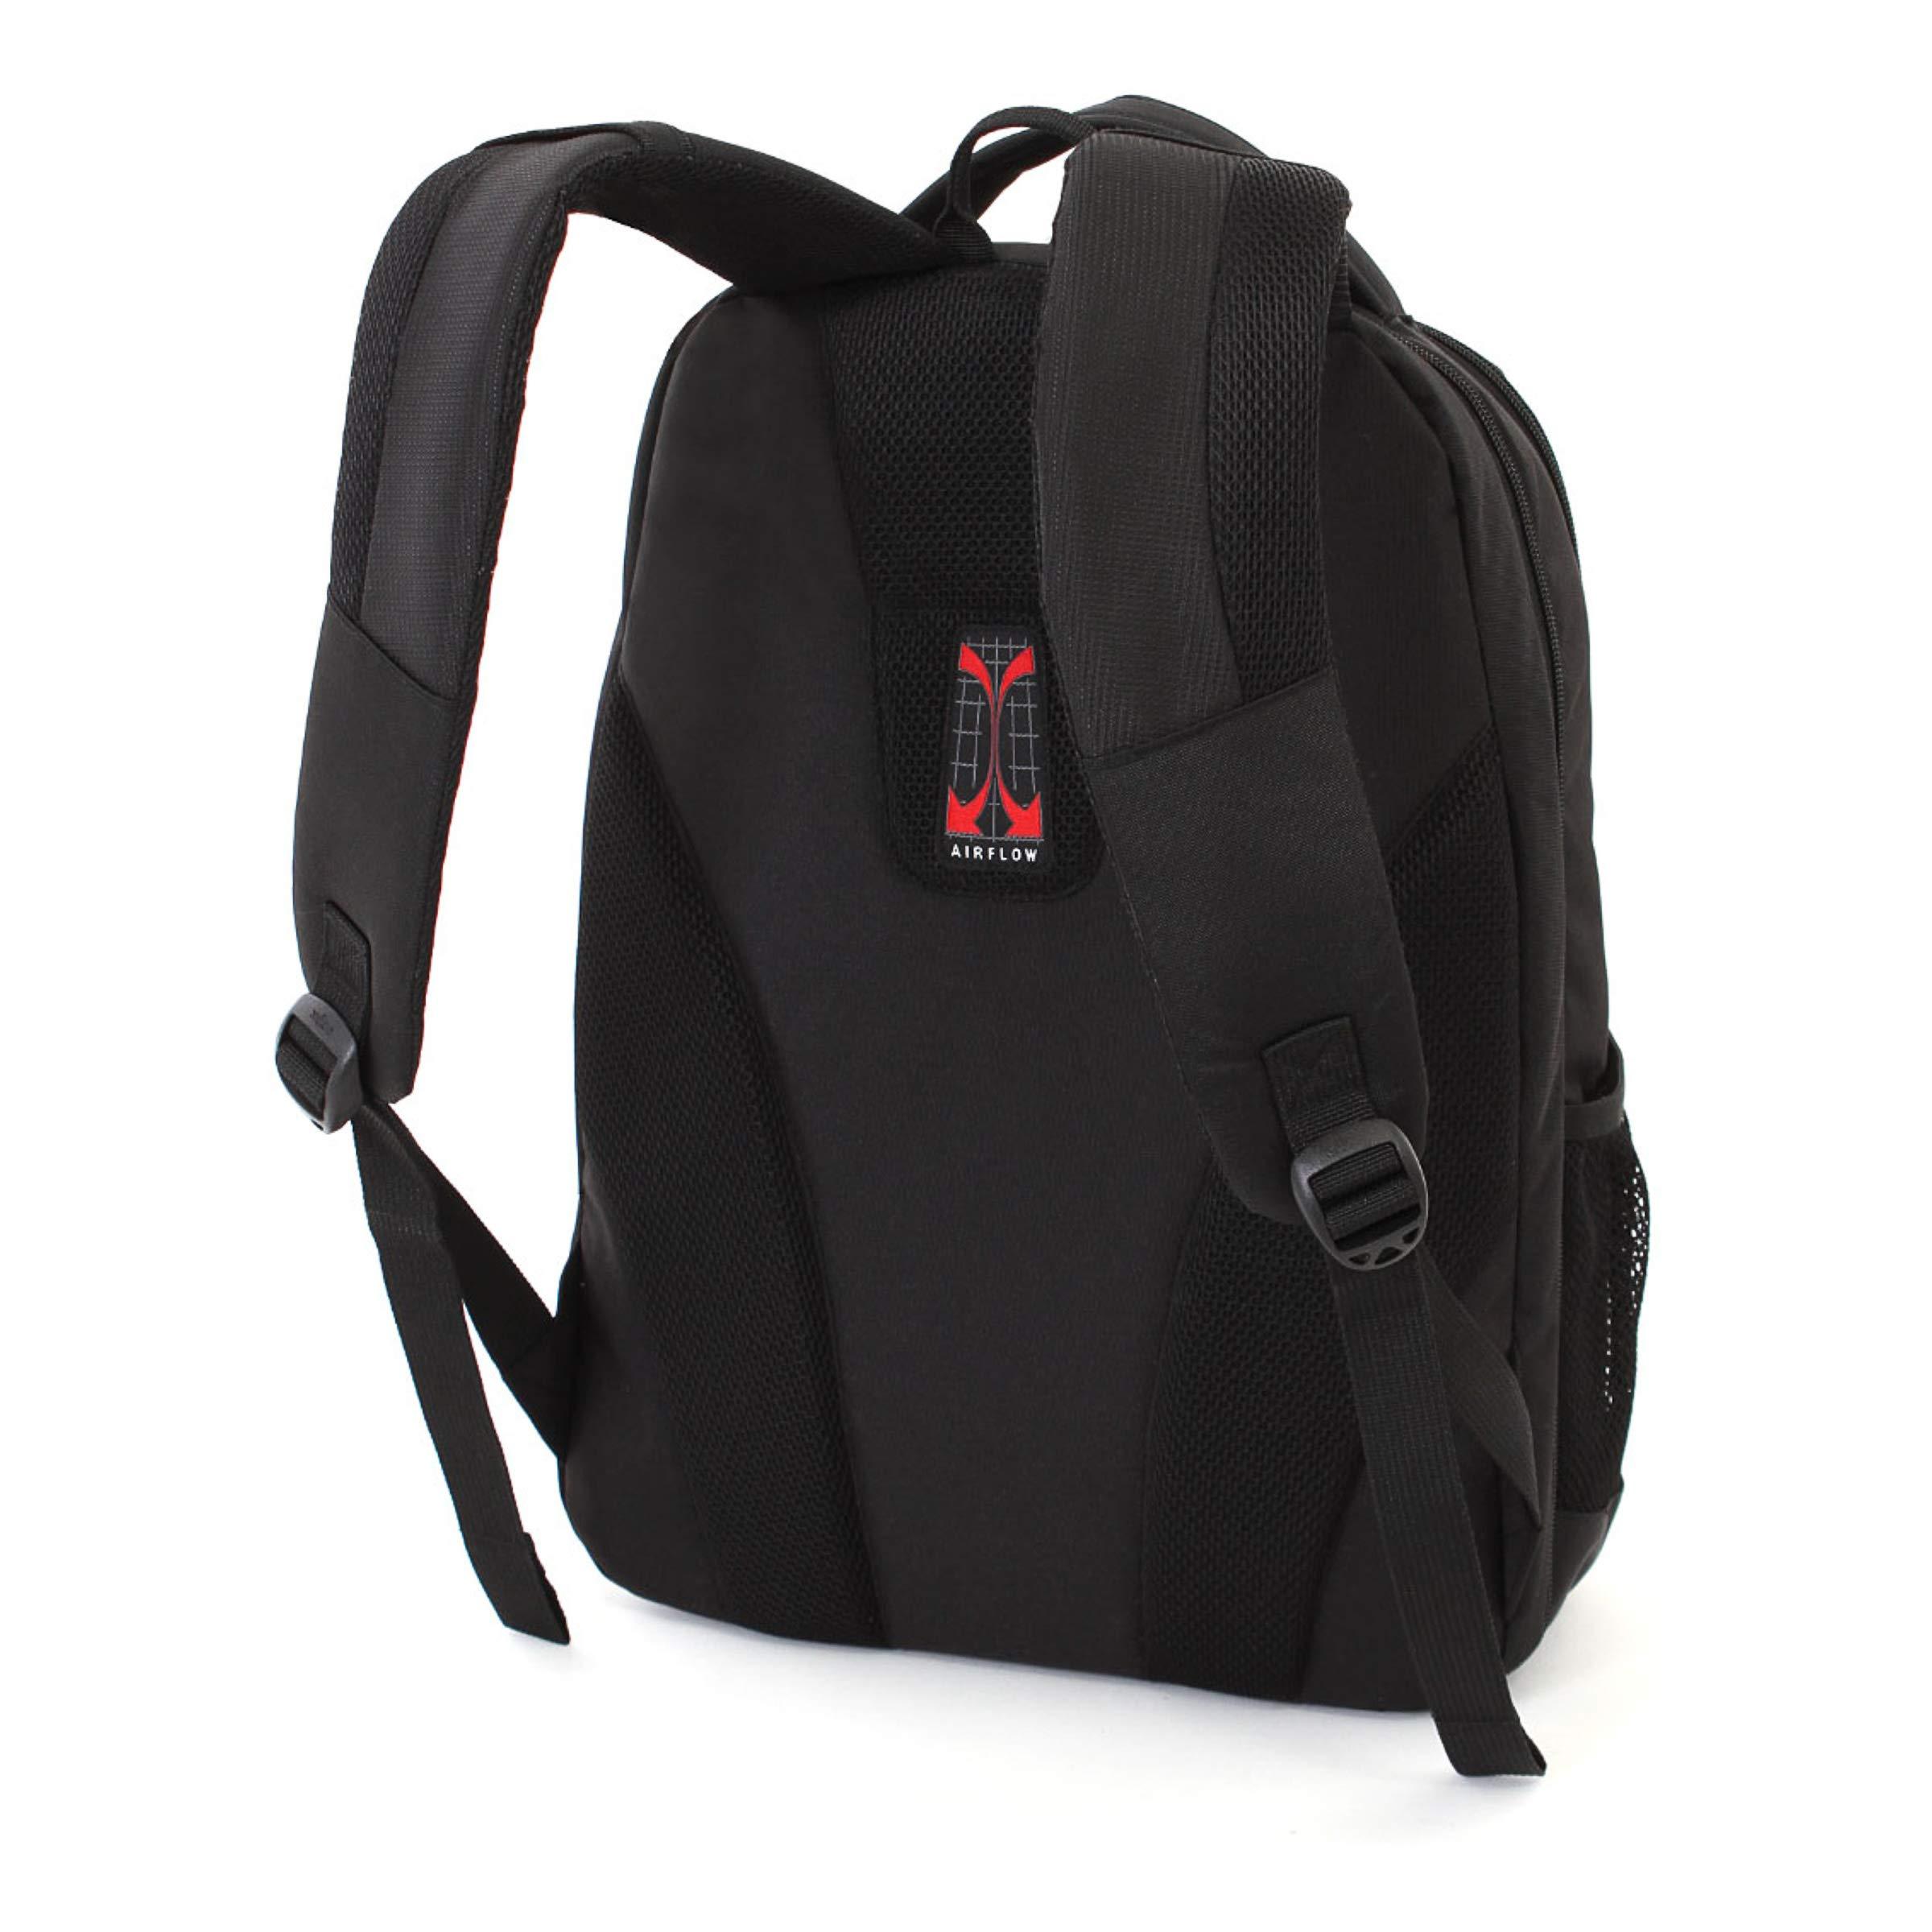 SWISSGEAR Large, Padded, ScanSmart 15-inch Laptop Backpack | TSA-Friendly Carry-on | Travel, Work, School | Men's and Women's - Black by Swiss Gear (Image #2)